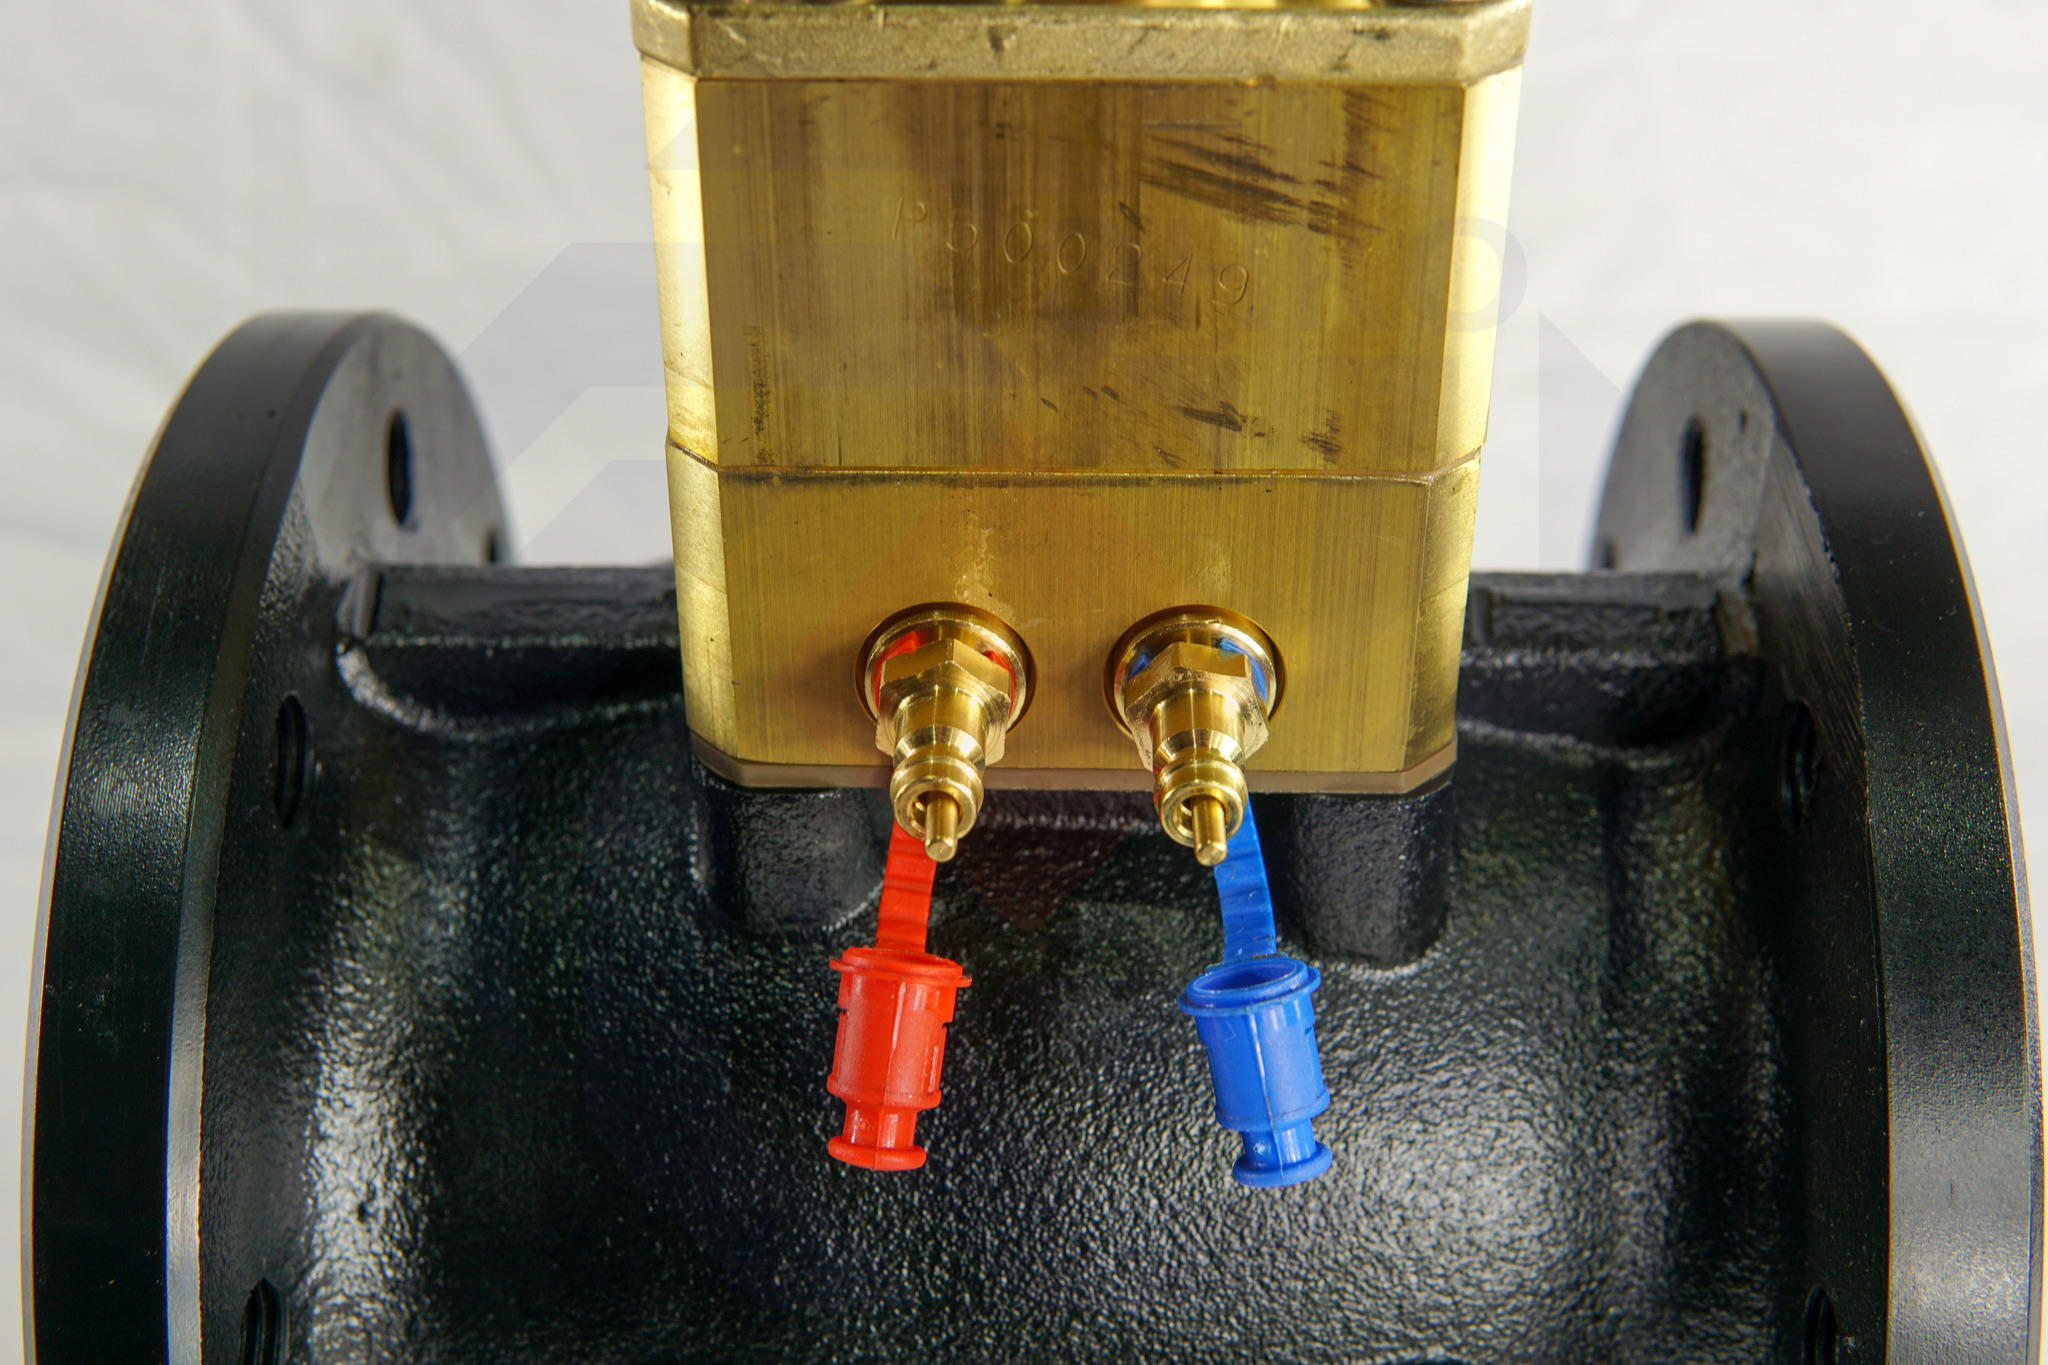 Регулятор перепада давления с изменяемой настройкой IMI TA-PILOT-R DN 100